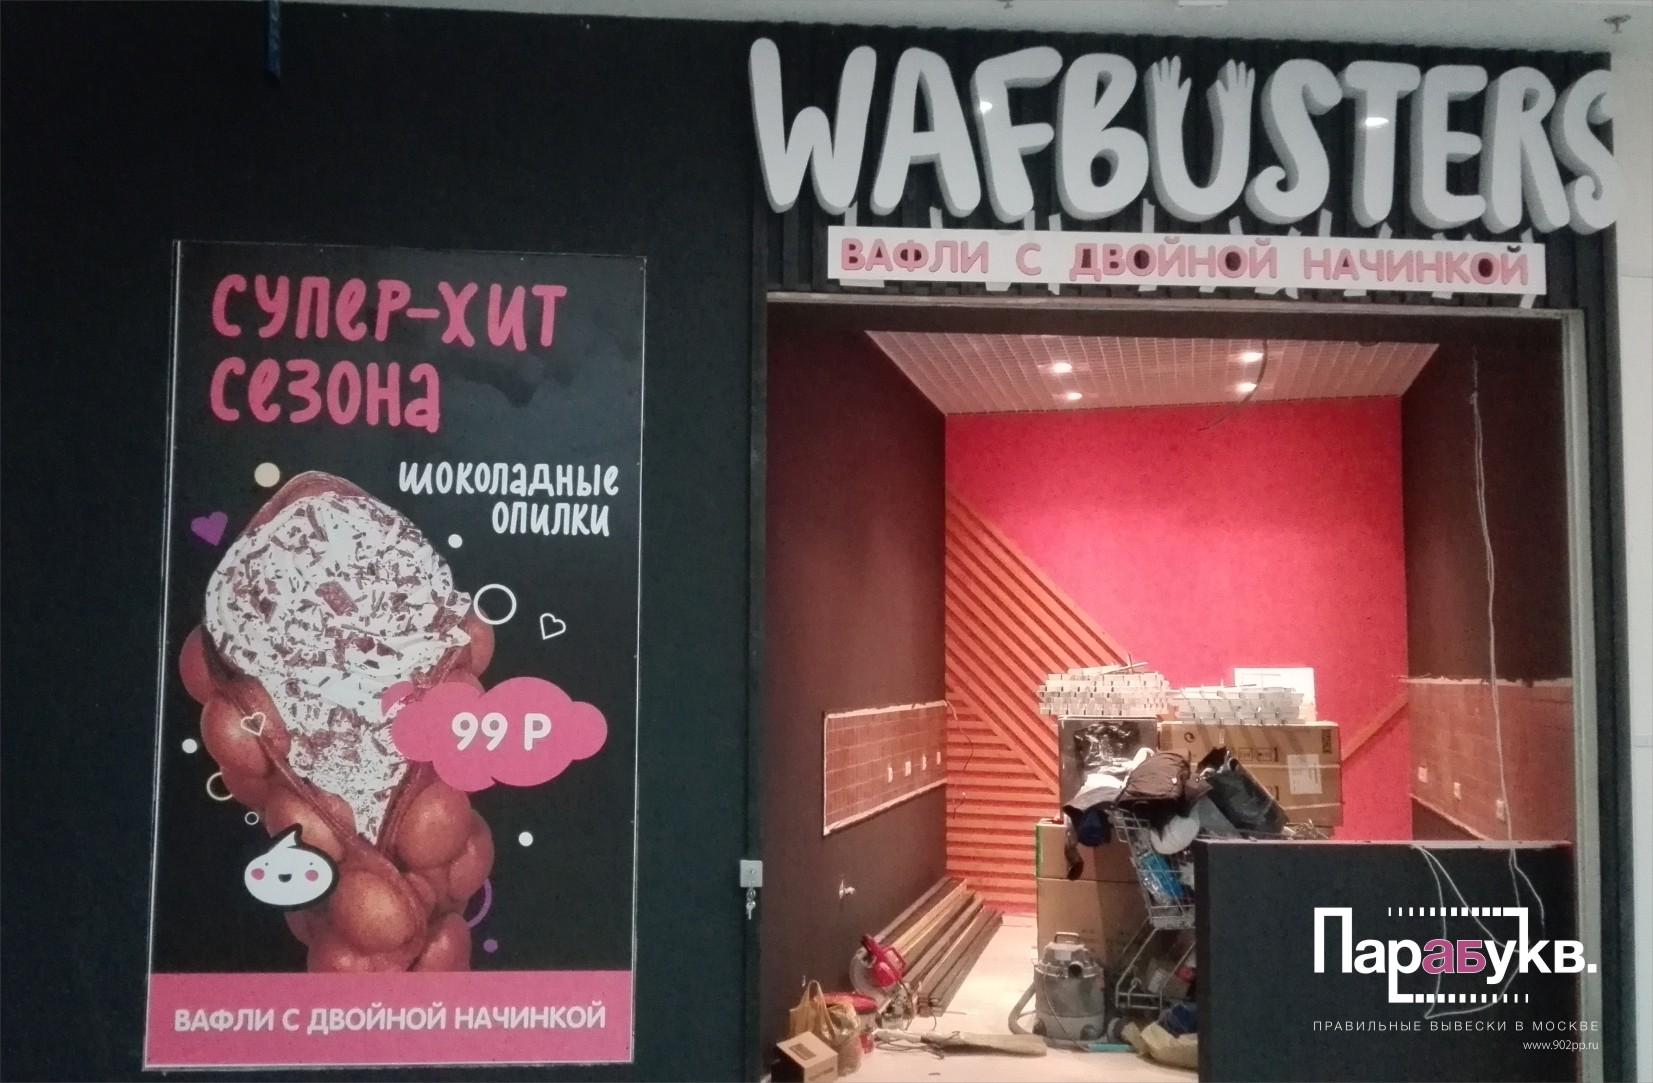 Вывеска для wafbusters